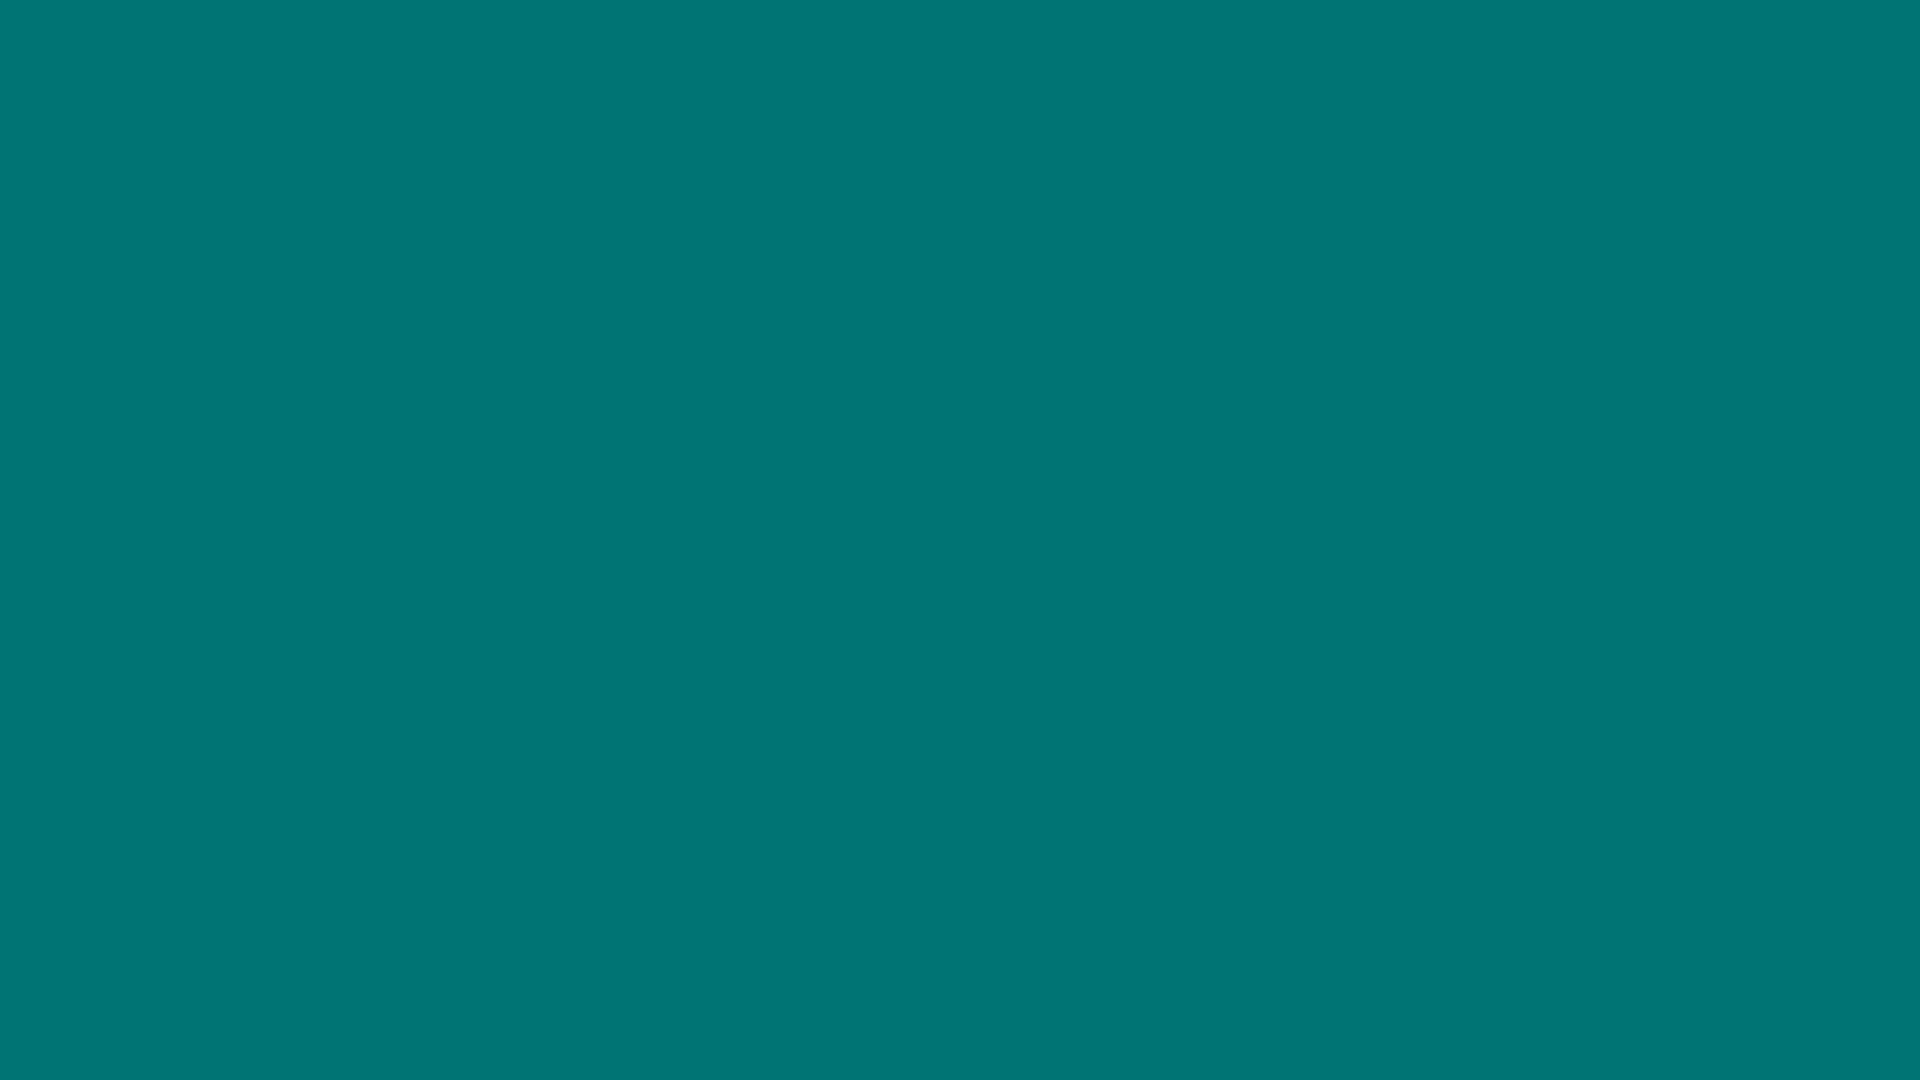 1920x1080 Skobeloff Solid Color Background